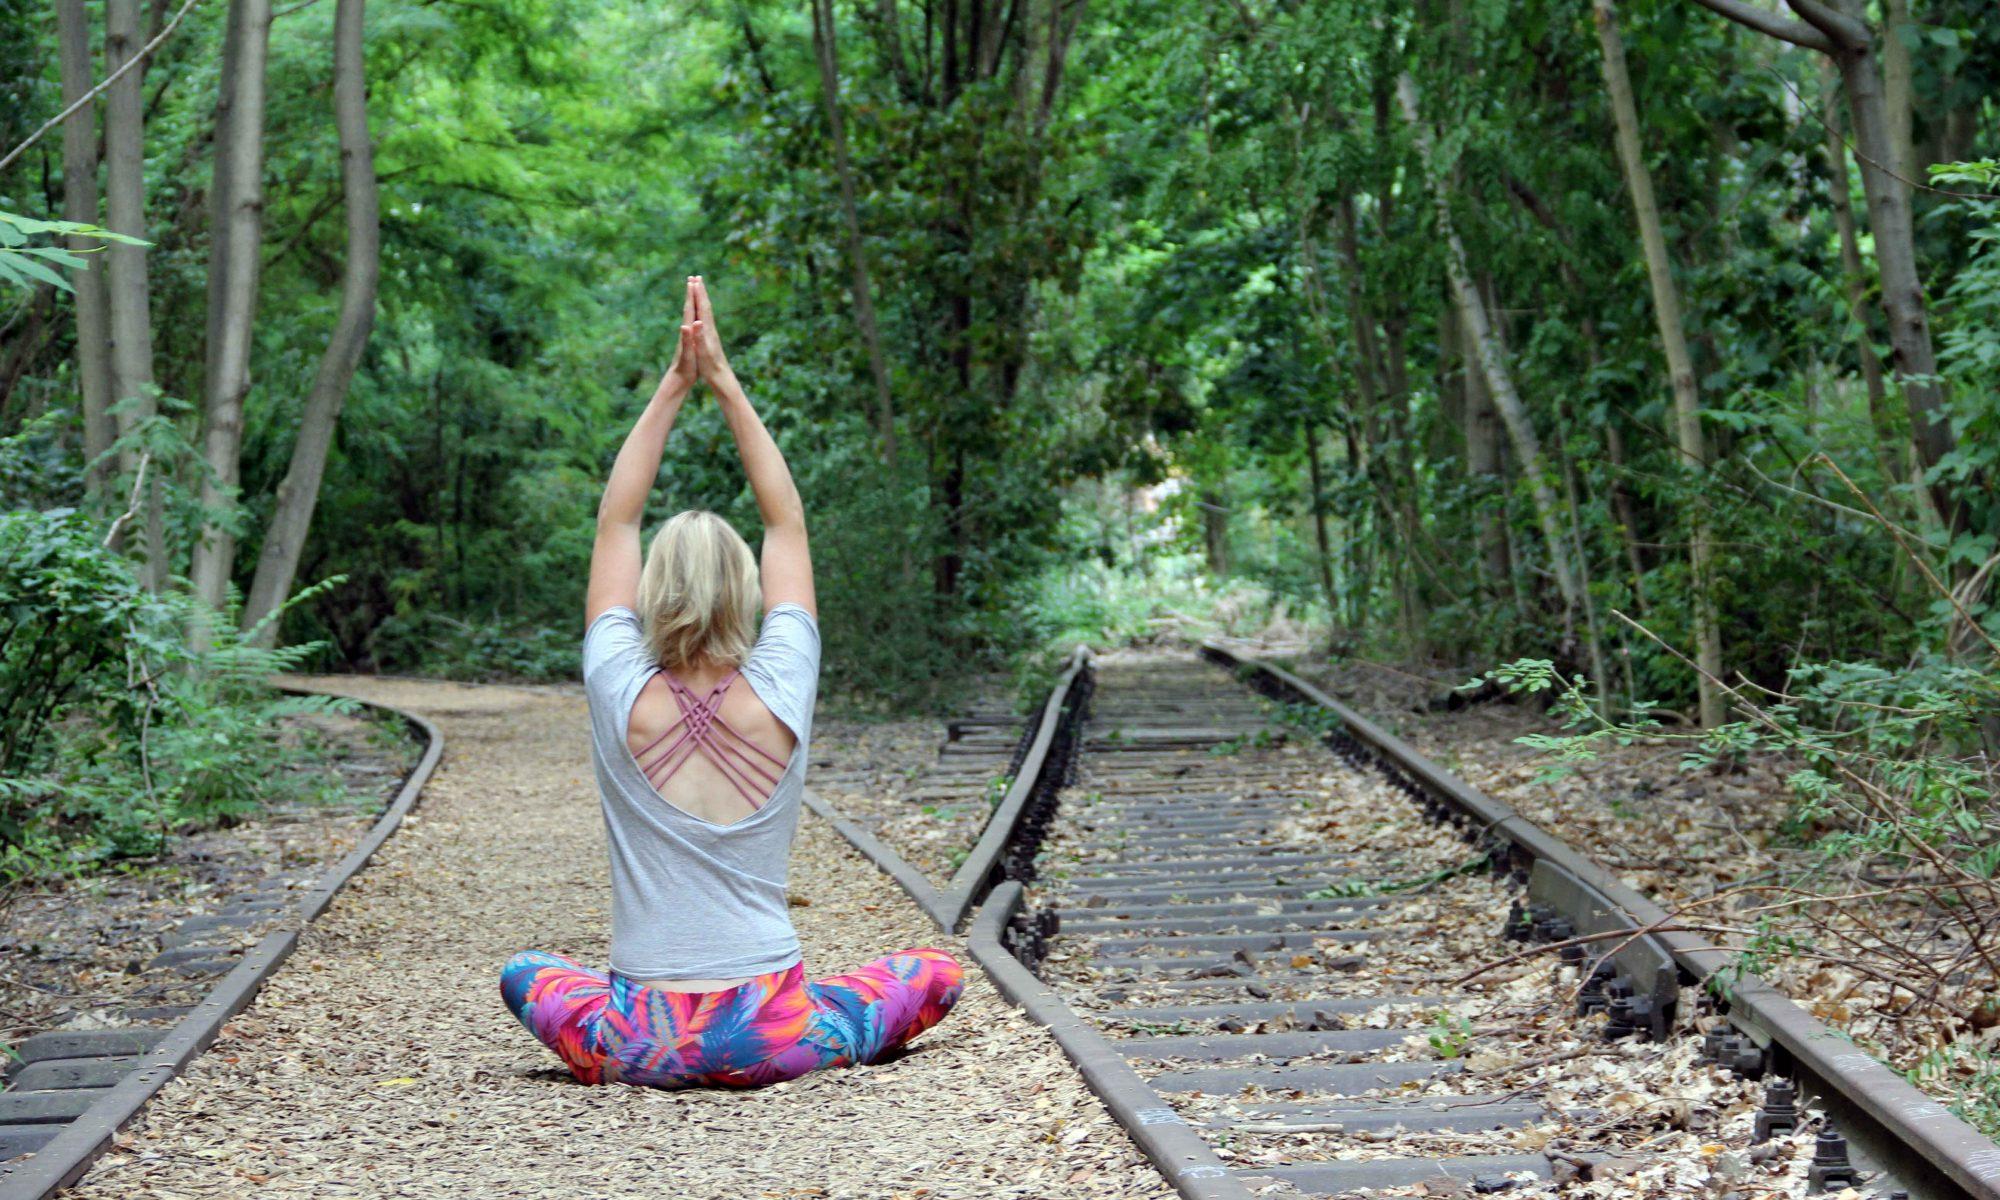 Ulrike Pape von hinten im Yoga-Sitz